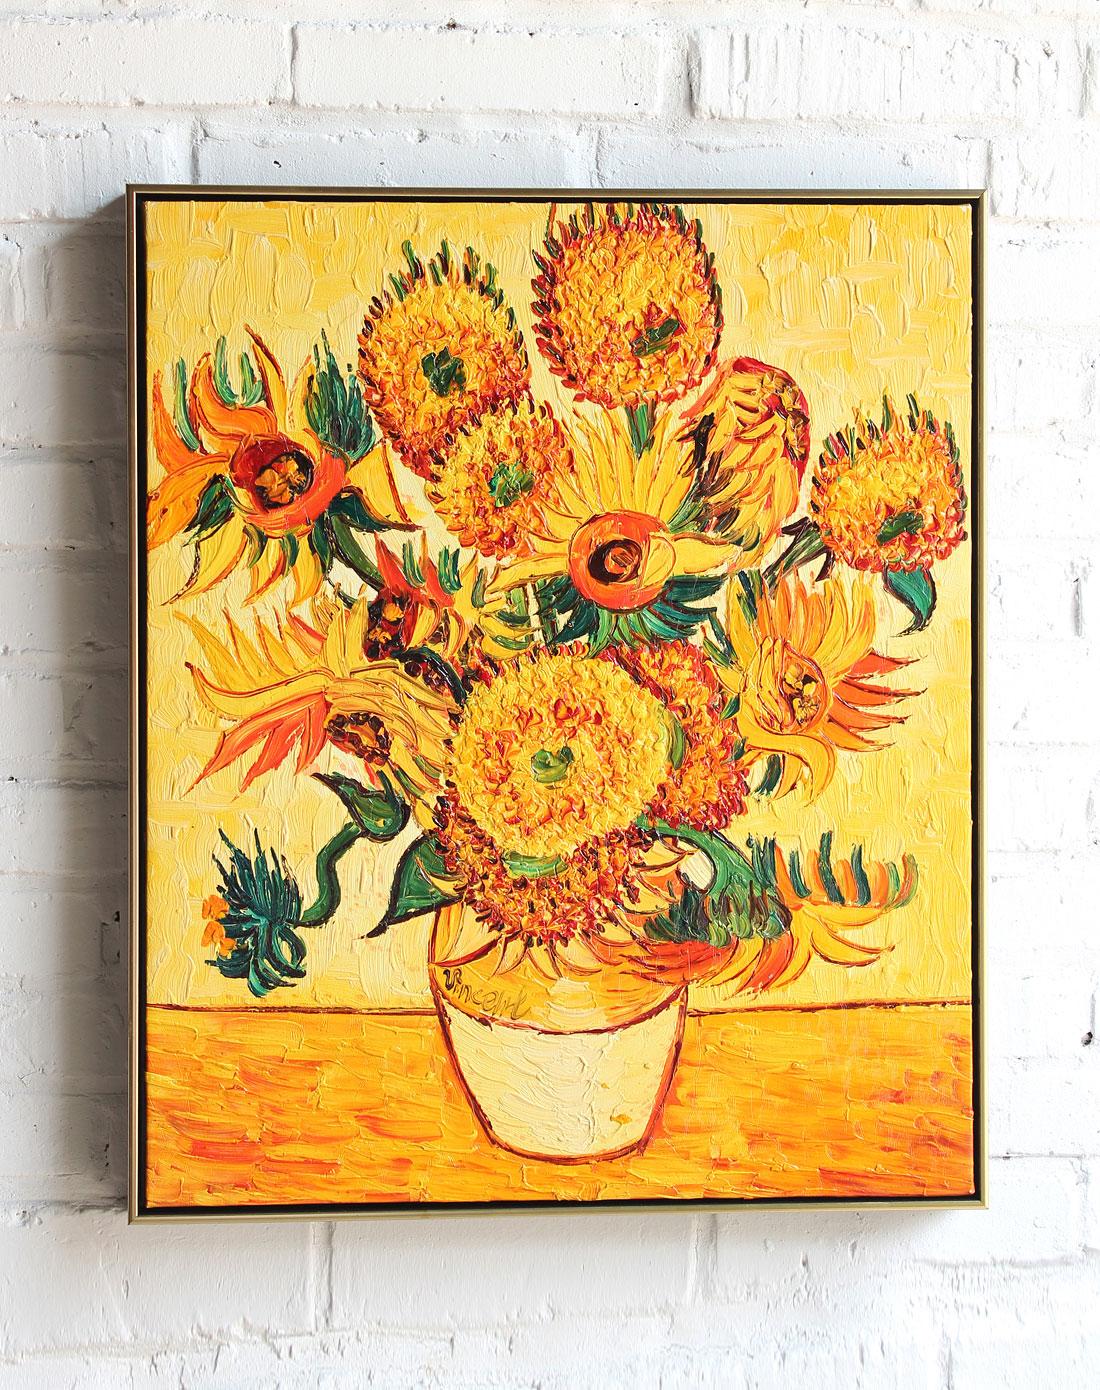 梵高向日葵 梵高向日葵油画原画 梵高向日葵真迹图片